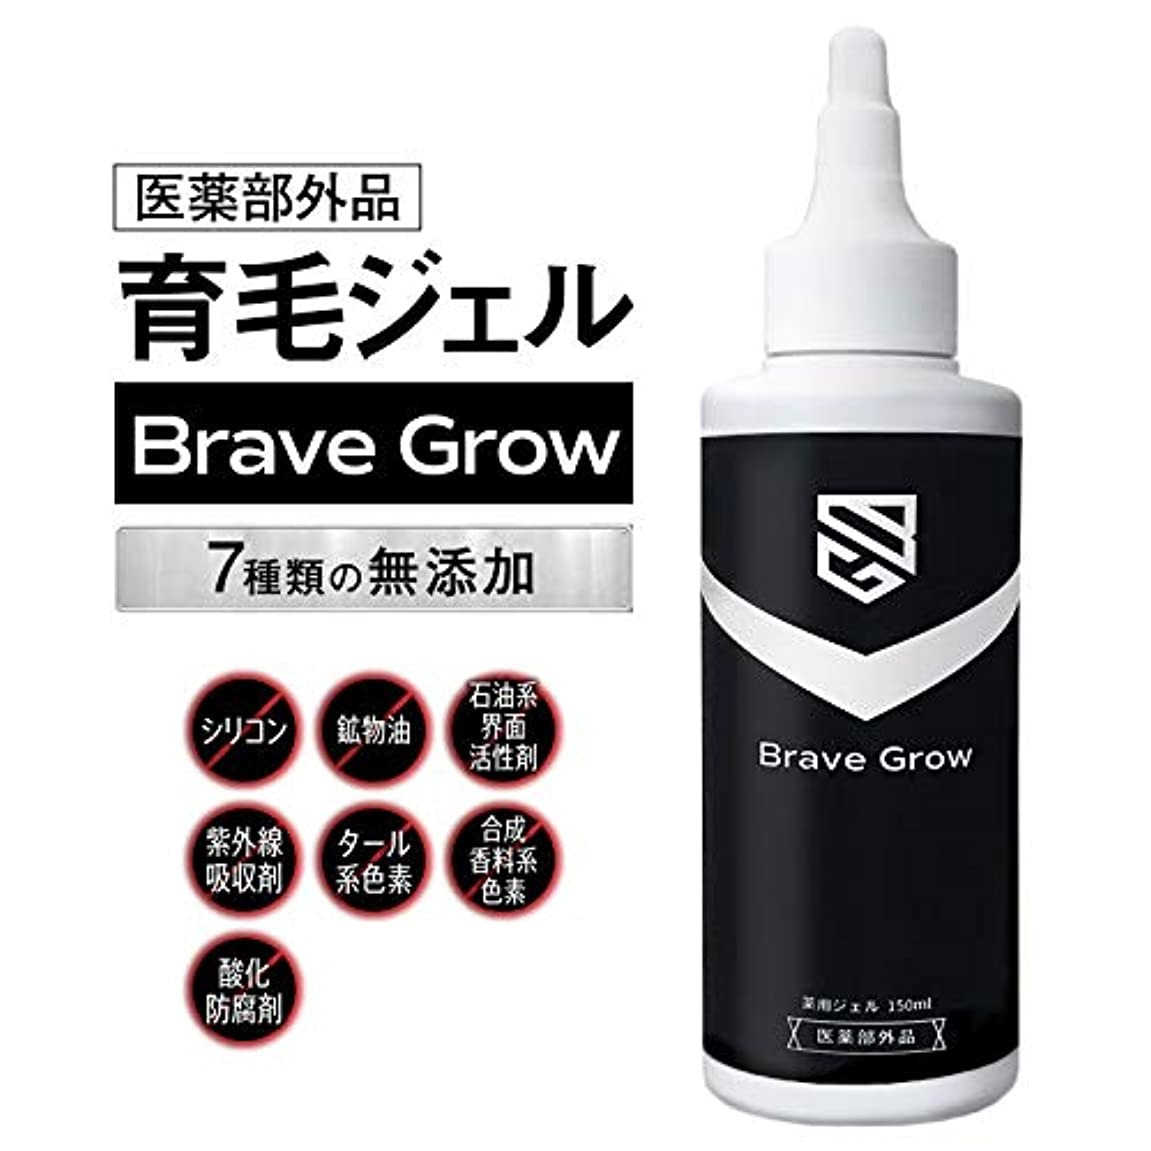 コテージディベート用心育毛剤 BraveGrow ブレイブグロー 150ml 【医薬部外品】ジェルタイプ 男性